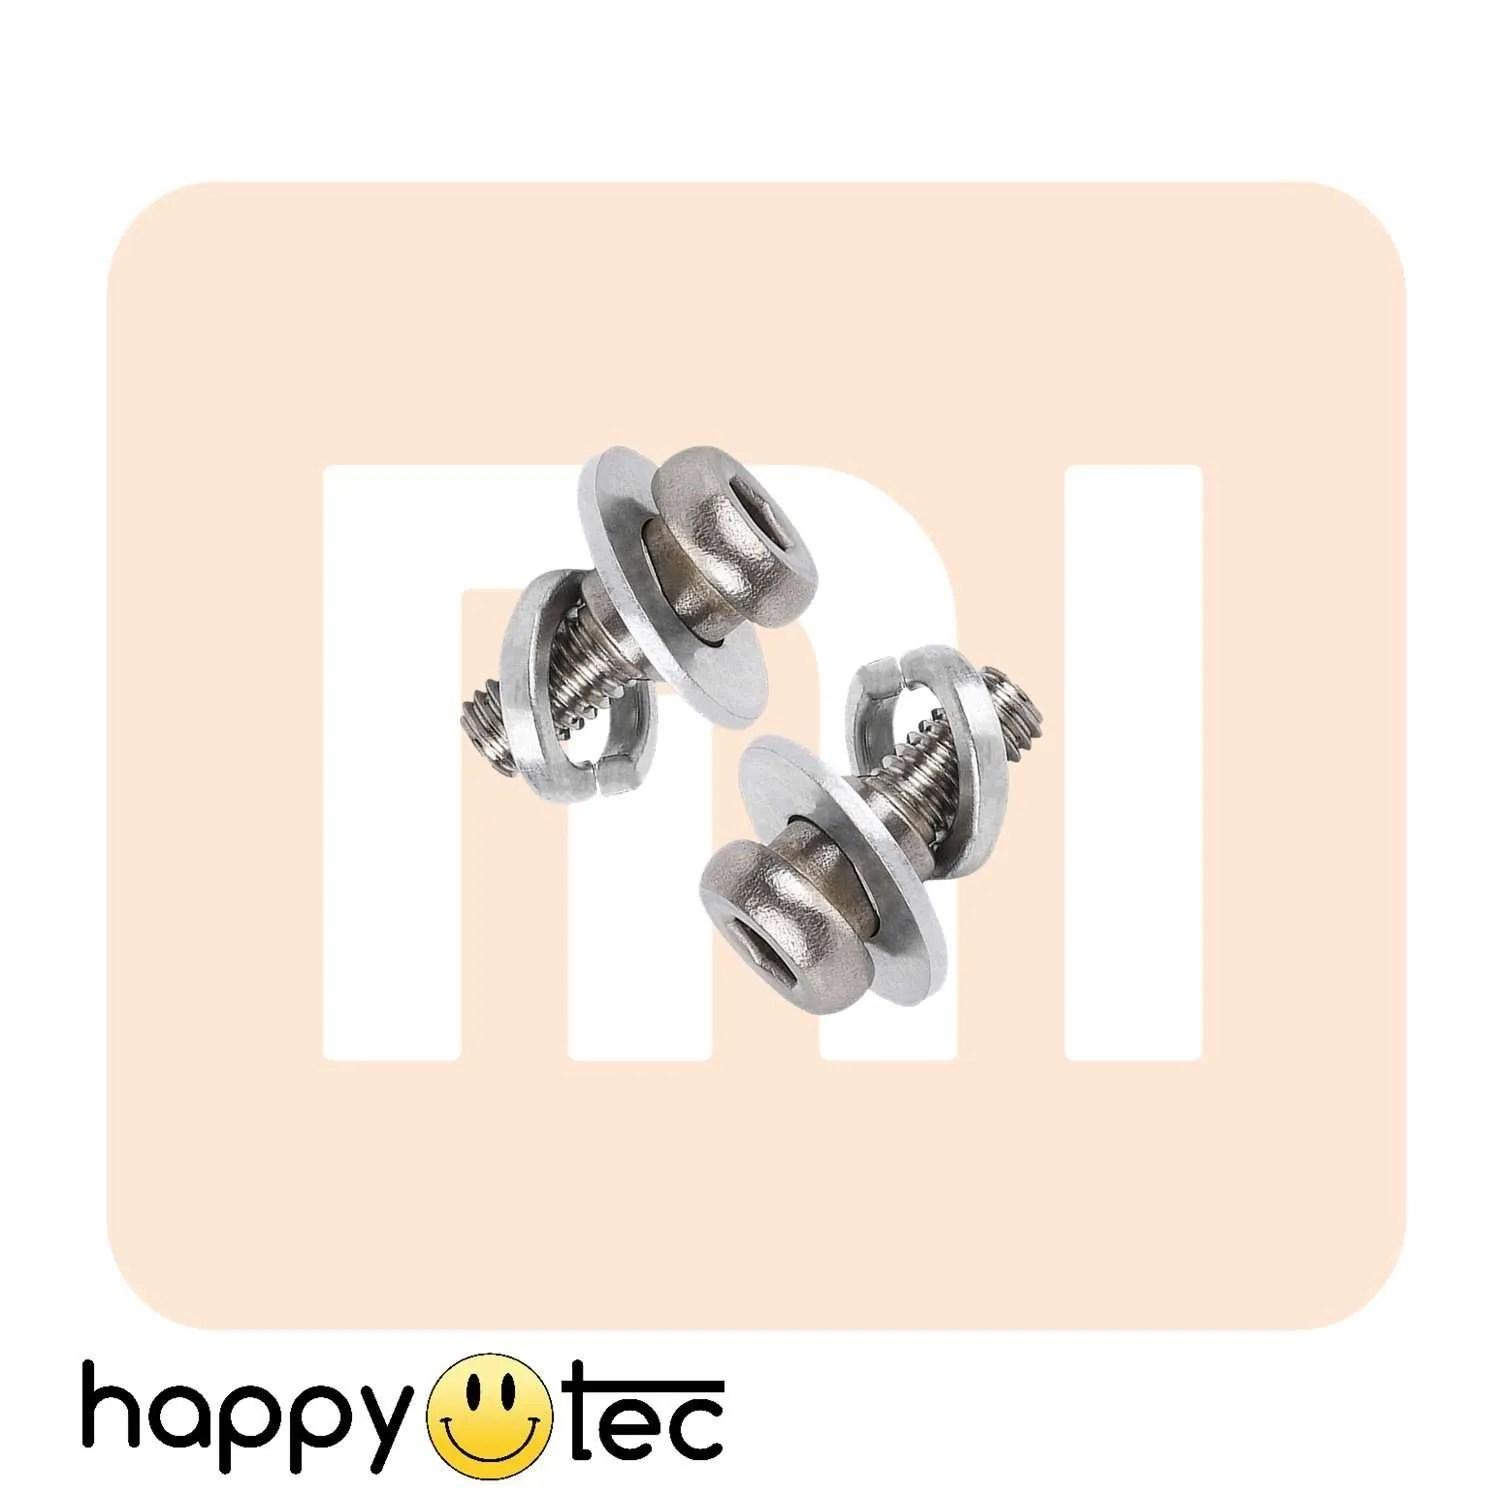 Coppia viti di ricambio ruota posteriore Xiaomi M365